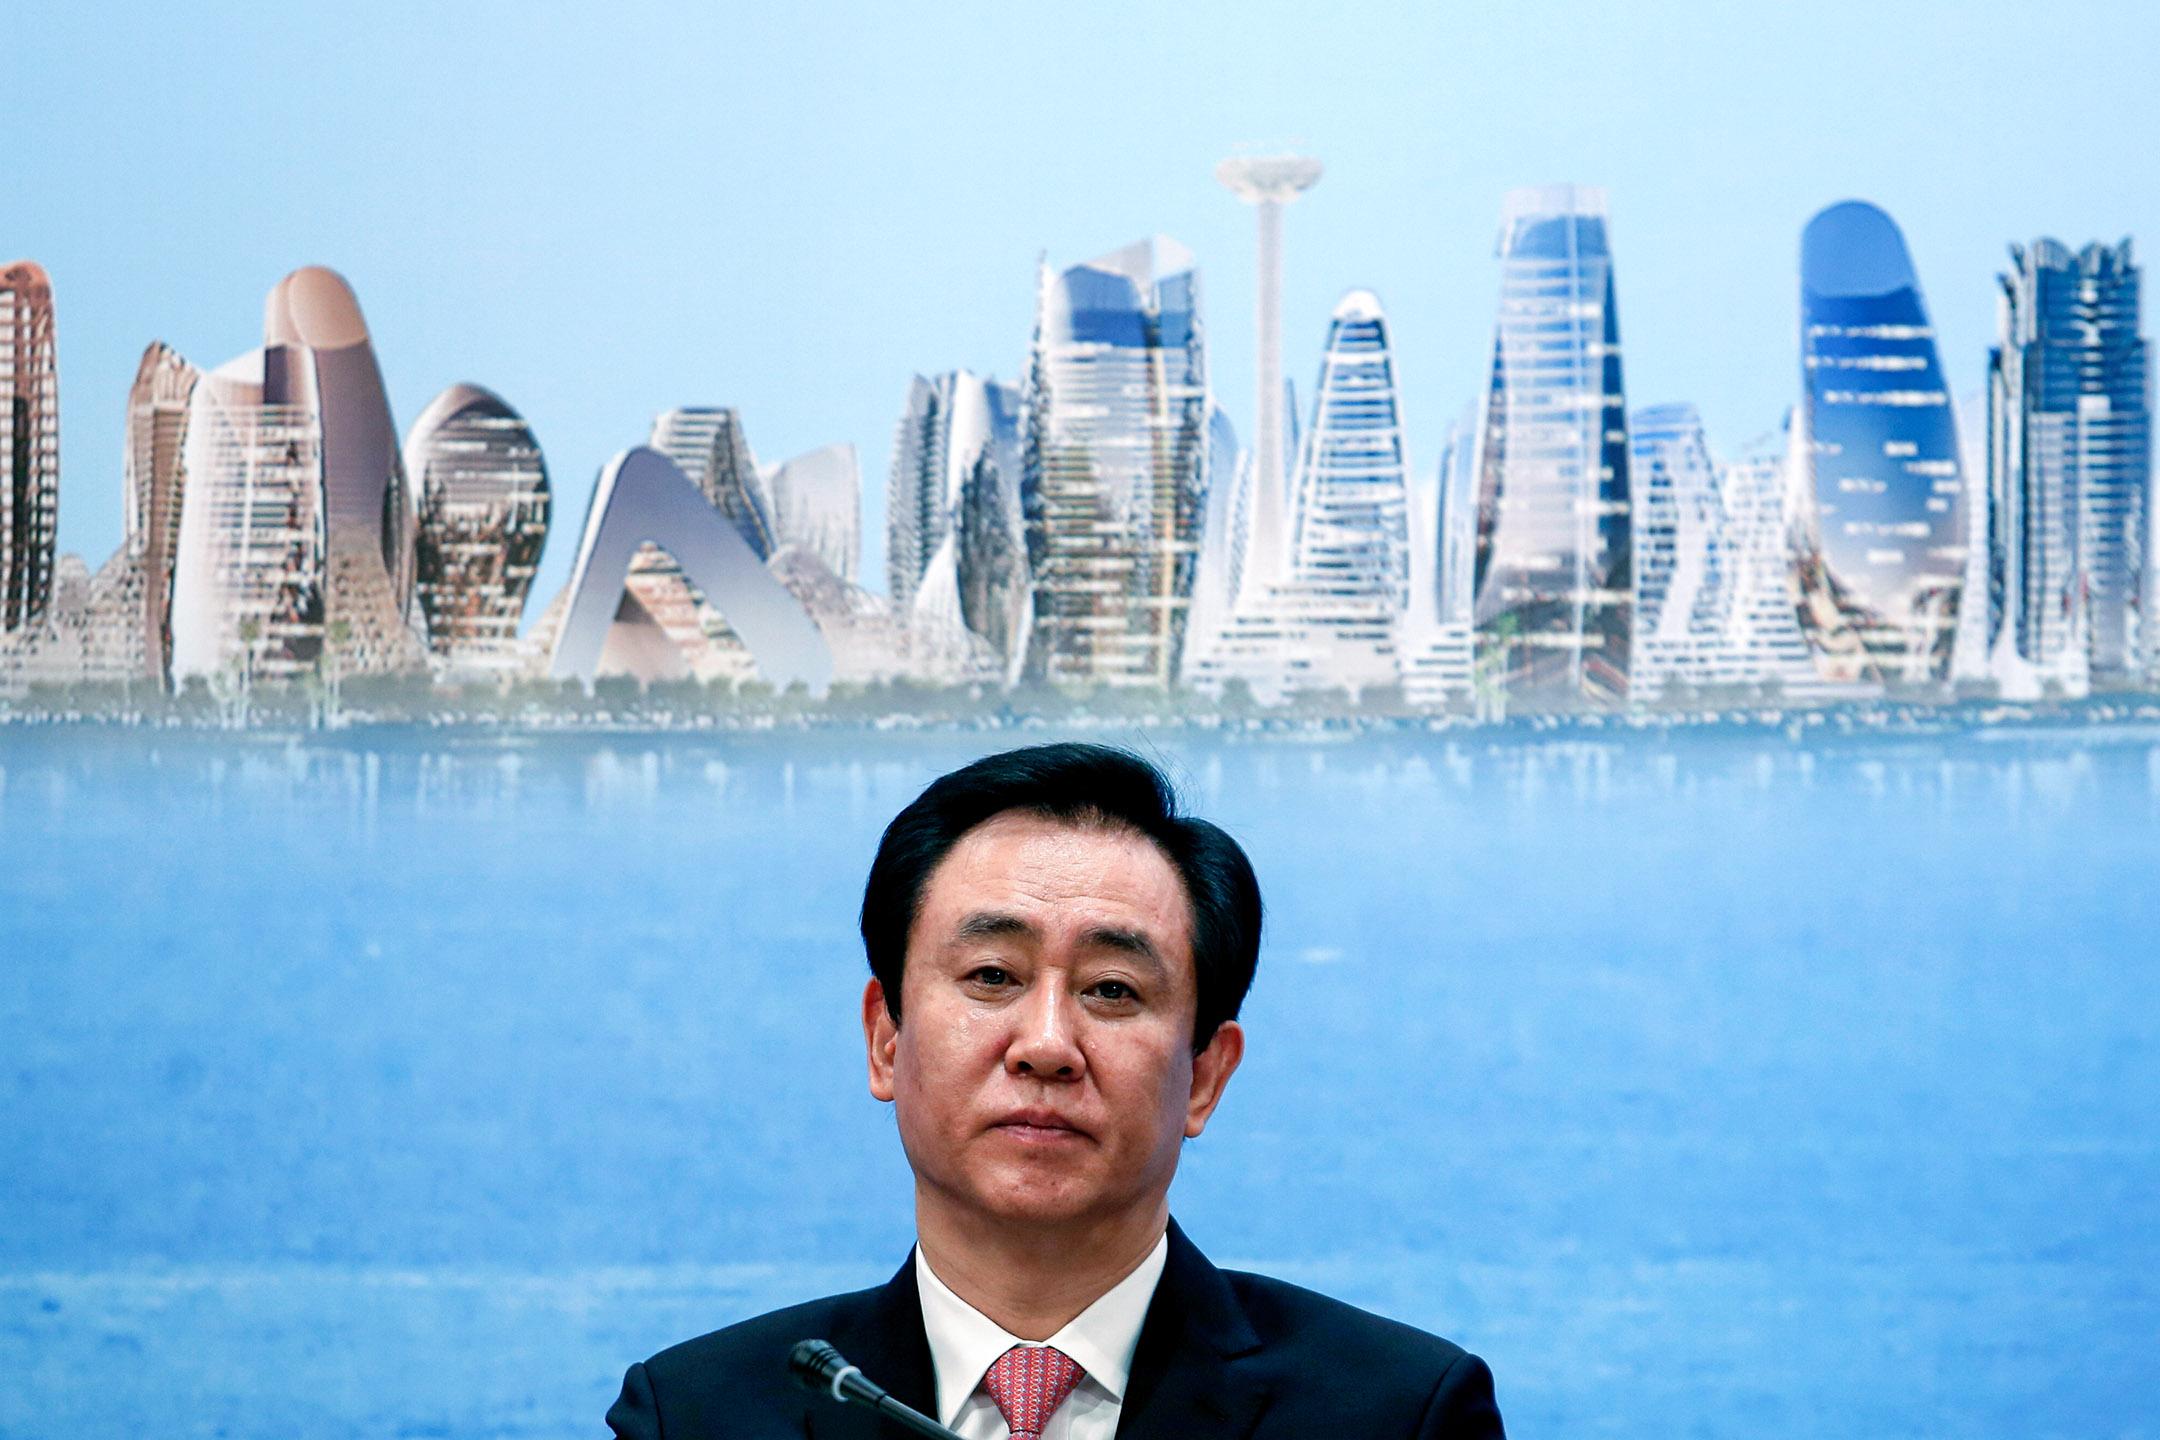 2017年3月28日中國香港,中國恒大集團董事長許家印出席有關房地產開發的年度業績發布會。